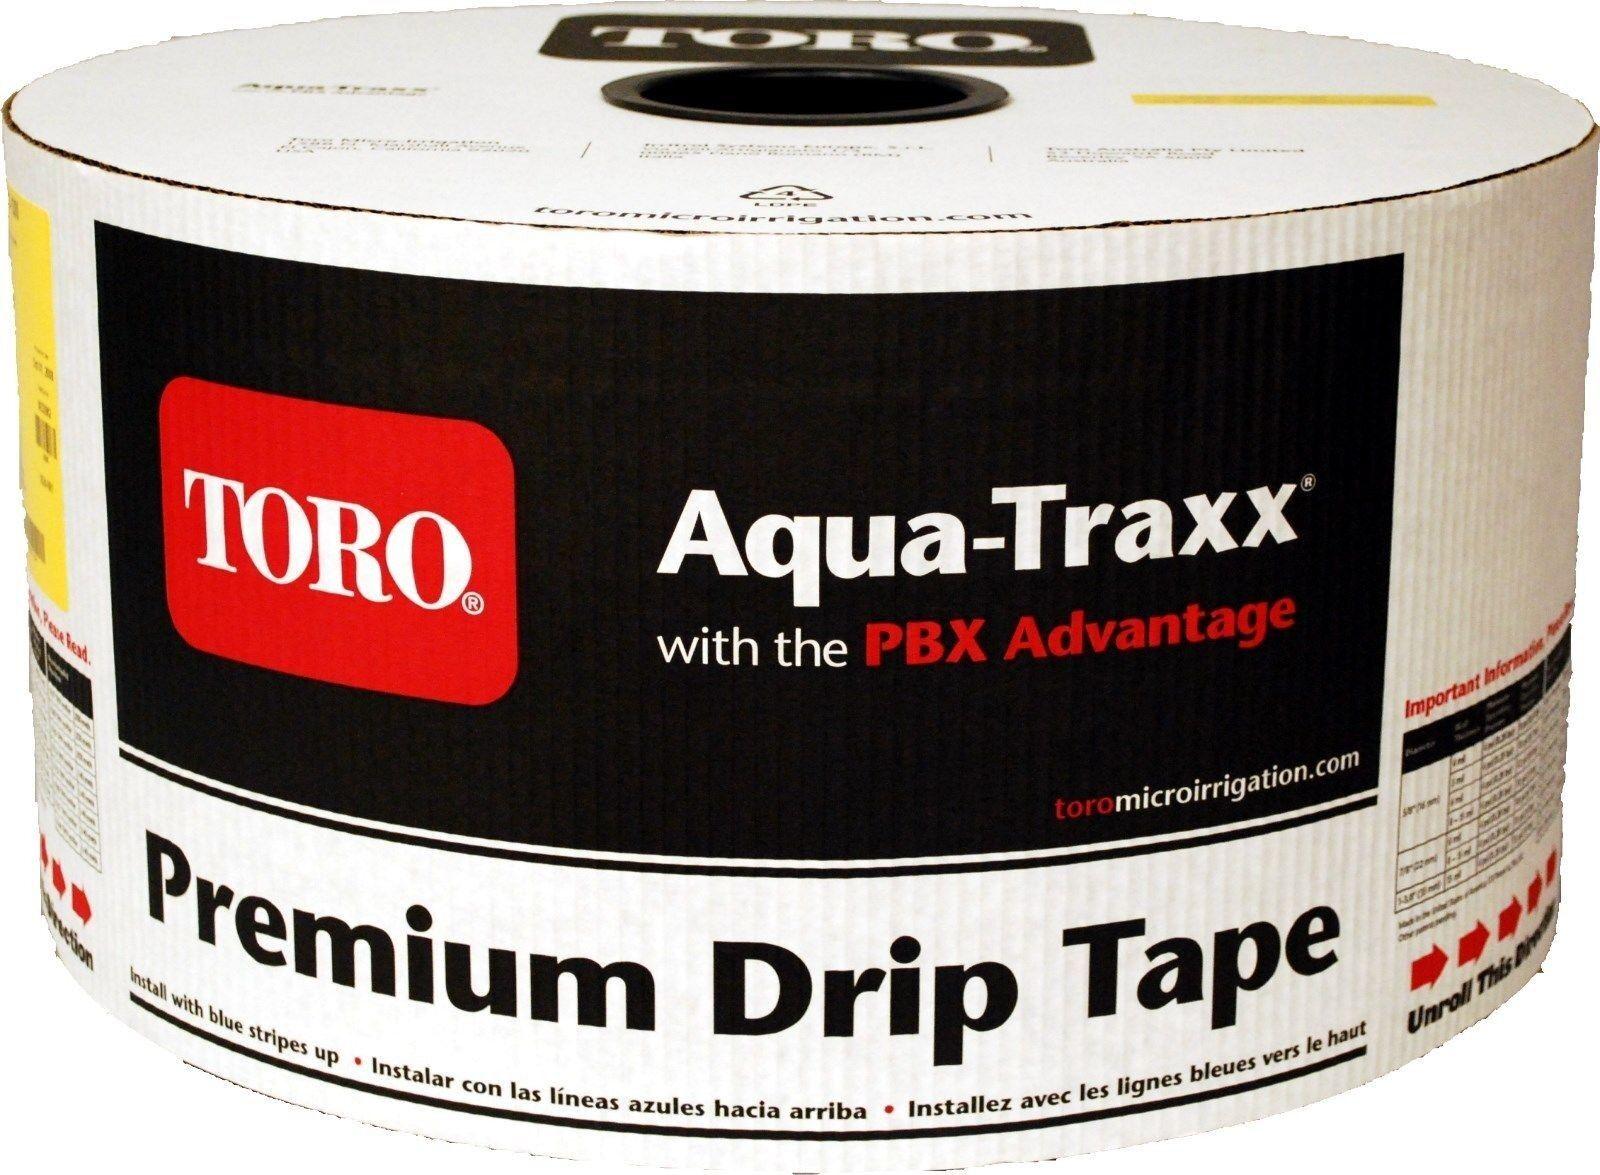 Toro Aquatraxx 5 8  línea de cintas de riego por goteo 16  0.170GPM 15MIL 4000FT Jardín